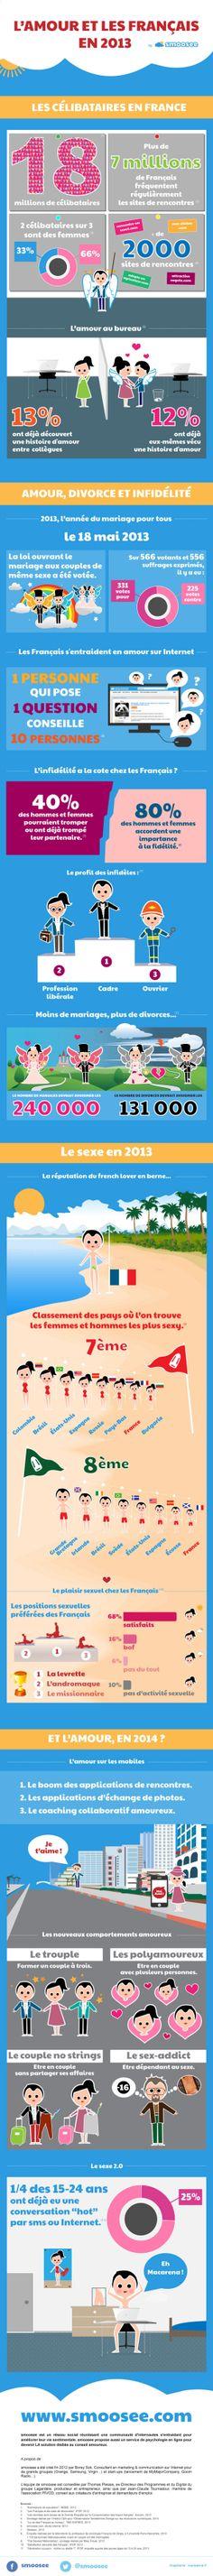 L'Amour et les Français en 2013 : l'infographie | MinuteBuzz